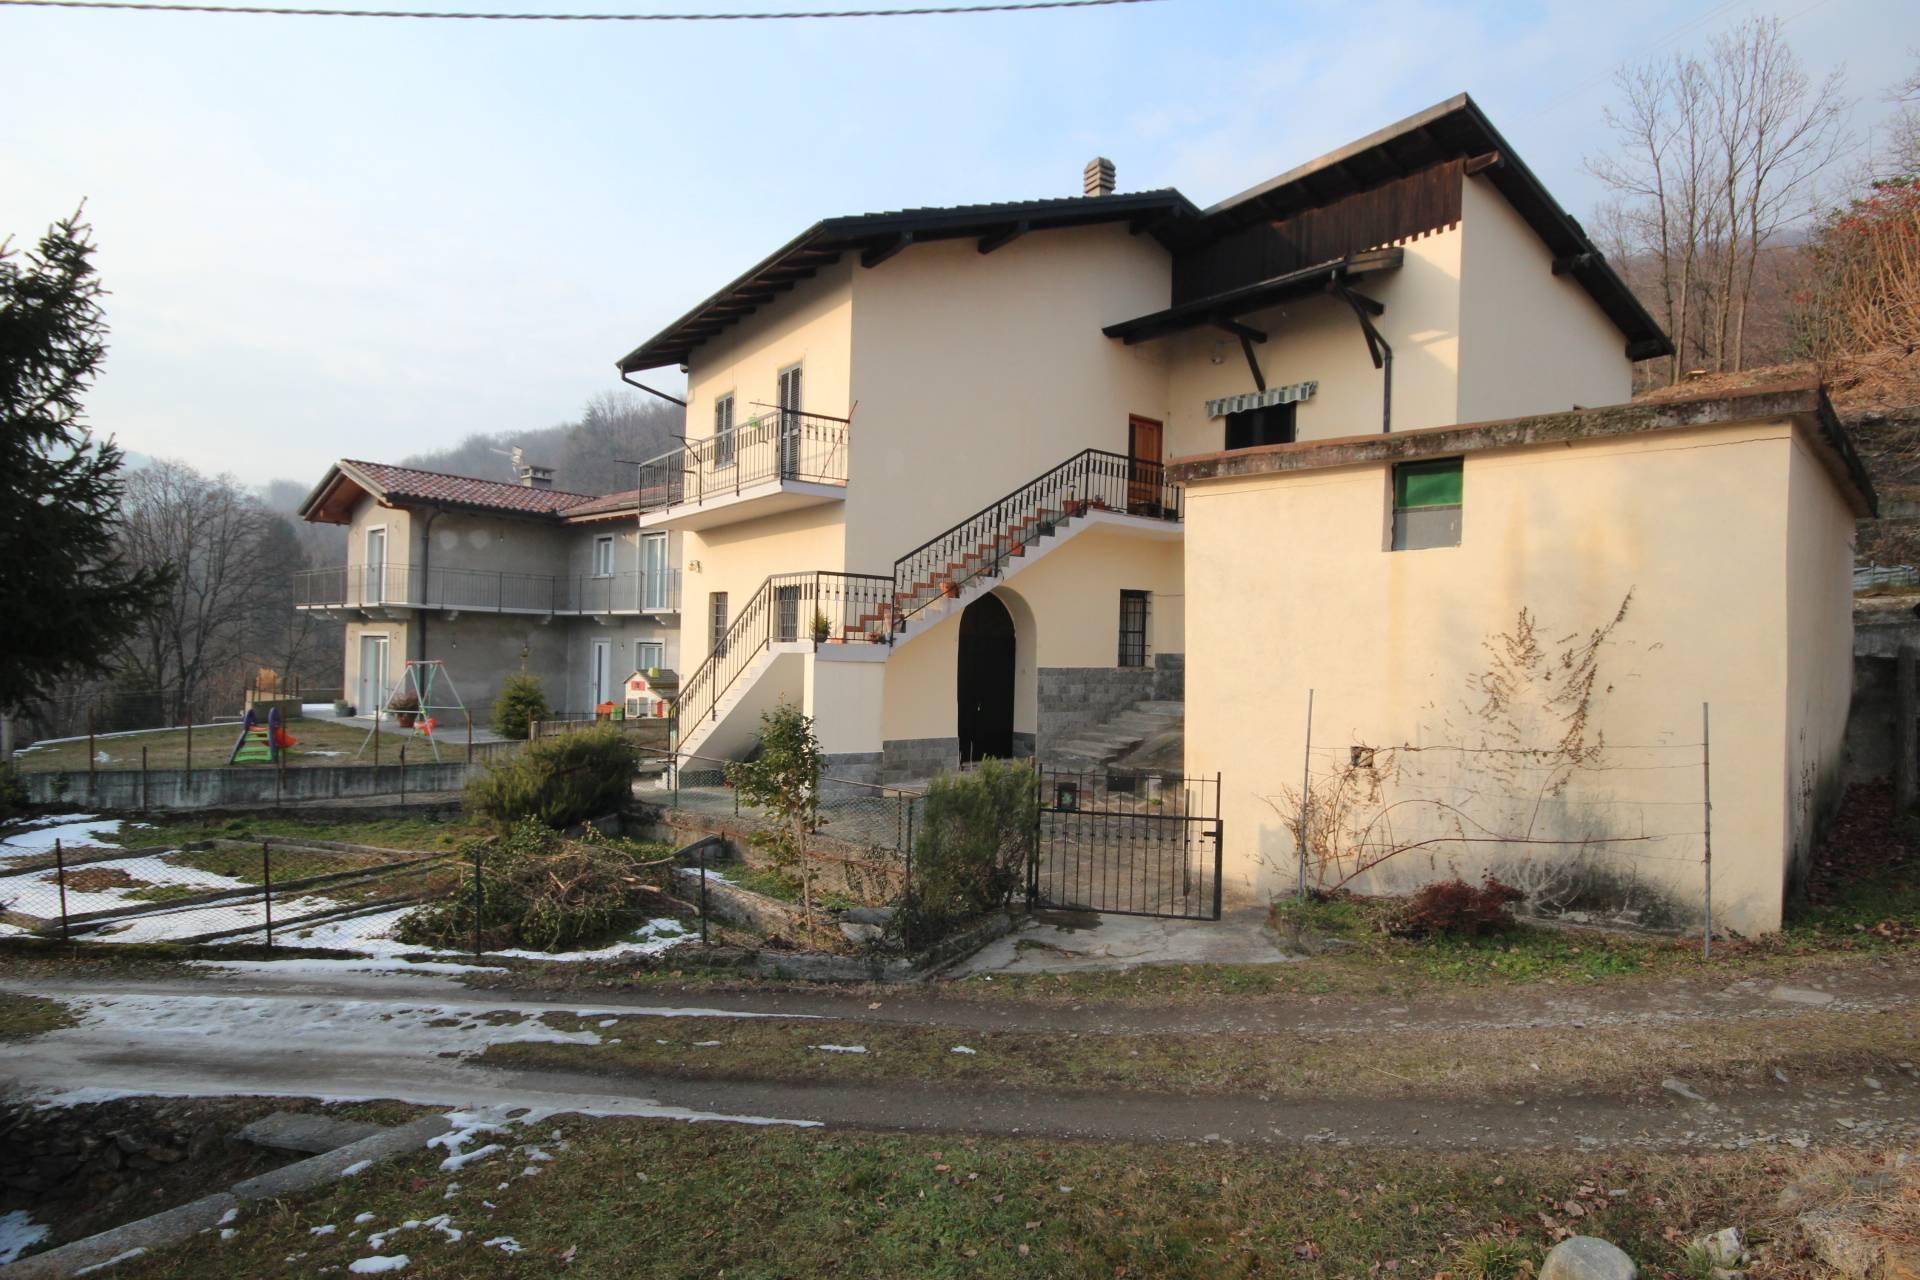 Soluzione Indipendente in vendita a Cossogno, 6 locali, prezzo € 230.000 | Cambio Casa.it